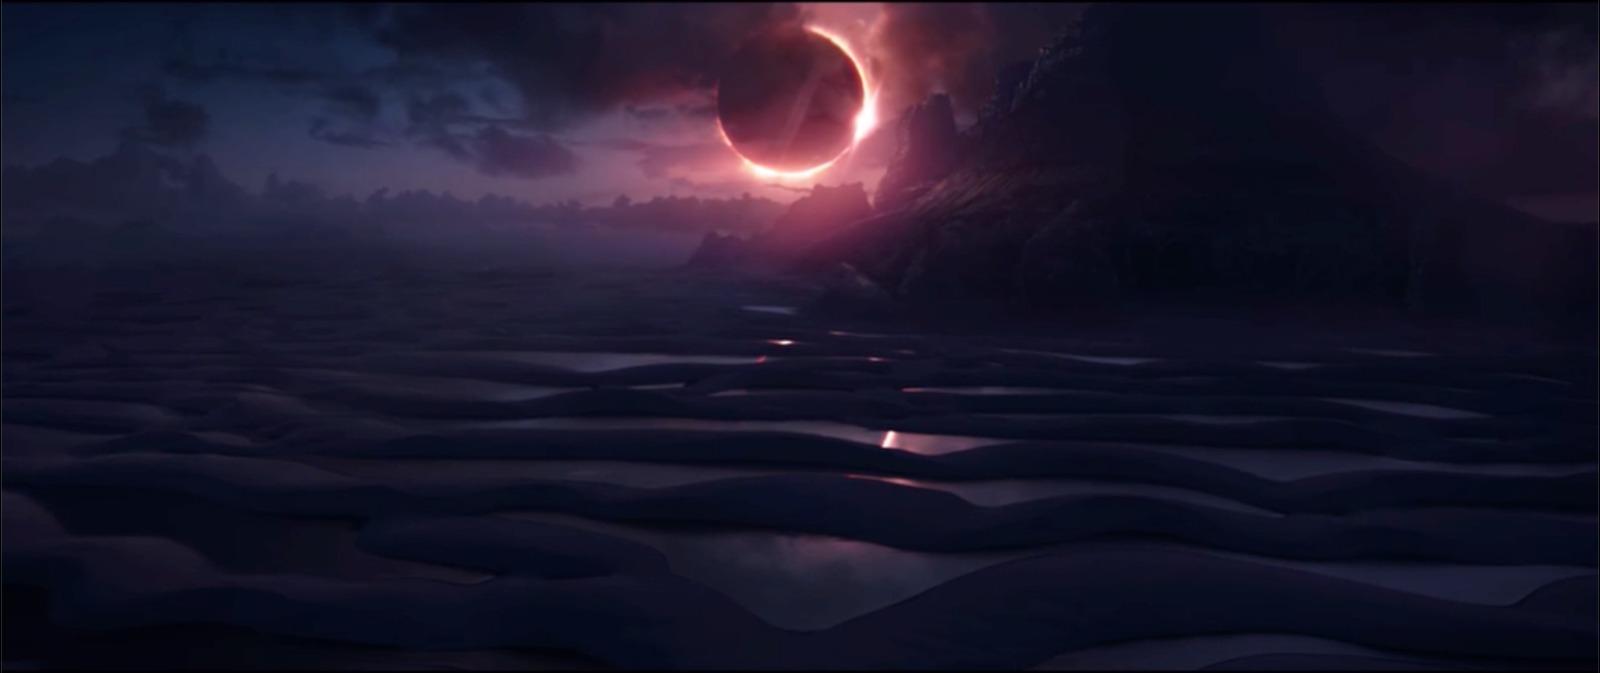 O planeta Vormir. Note as dunas e lagoas na parte inferior do quadro. Os elementos naturais da região foram usados para compor a imagem.